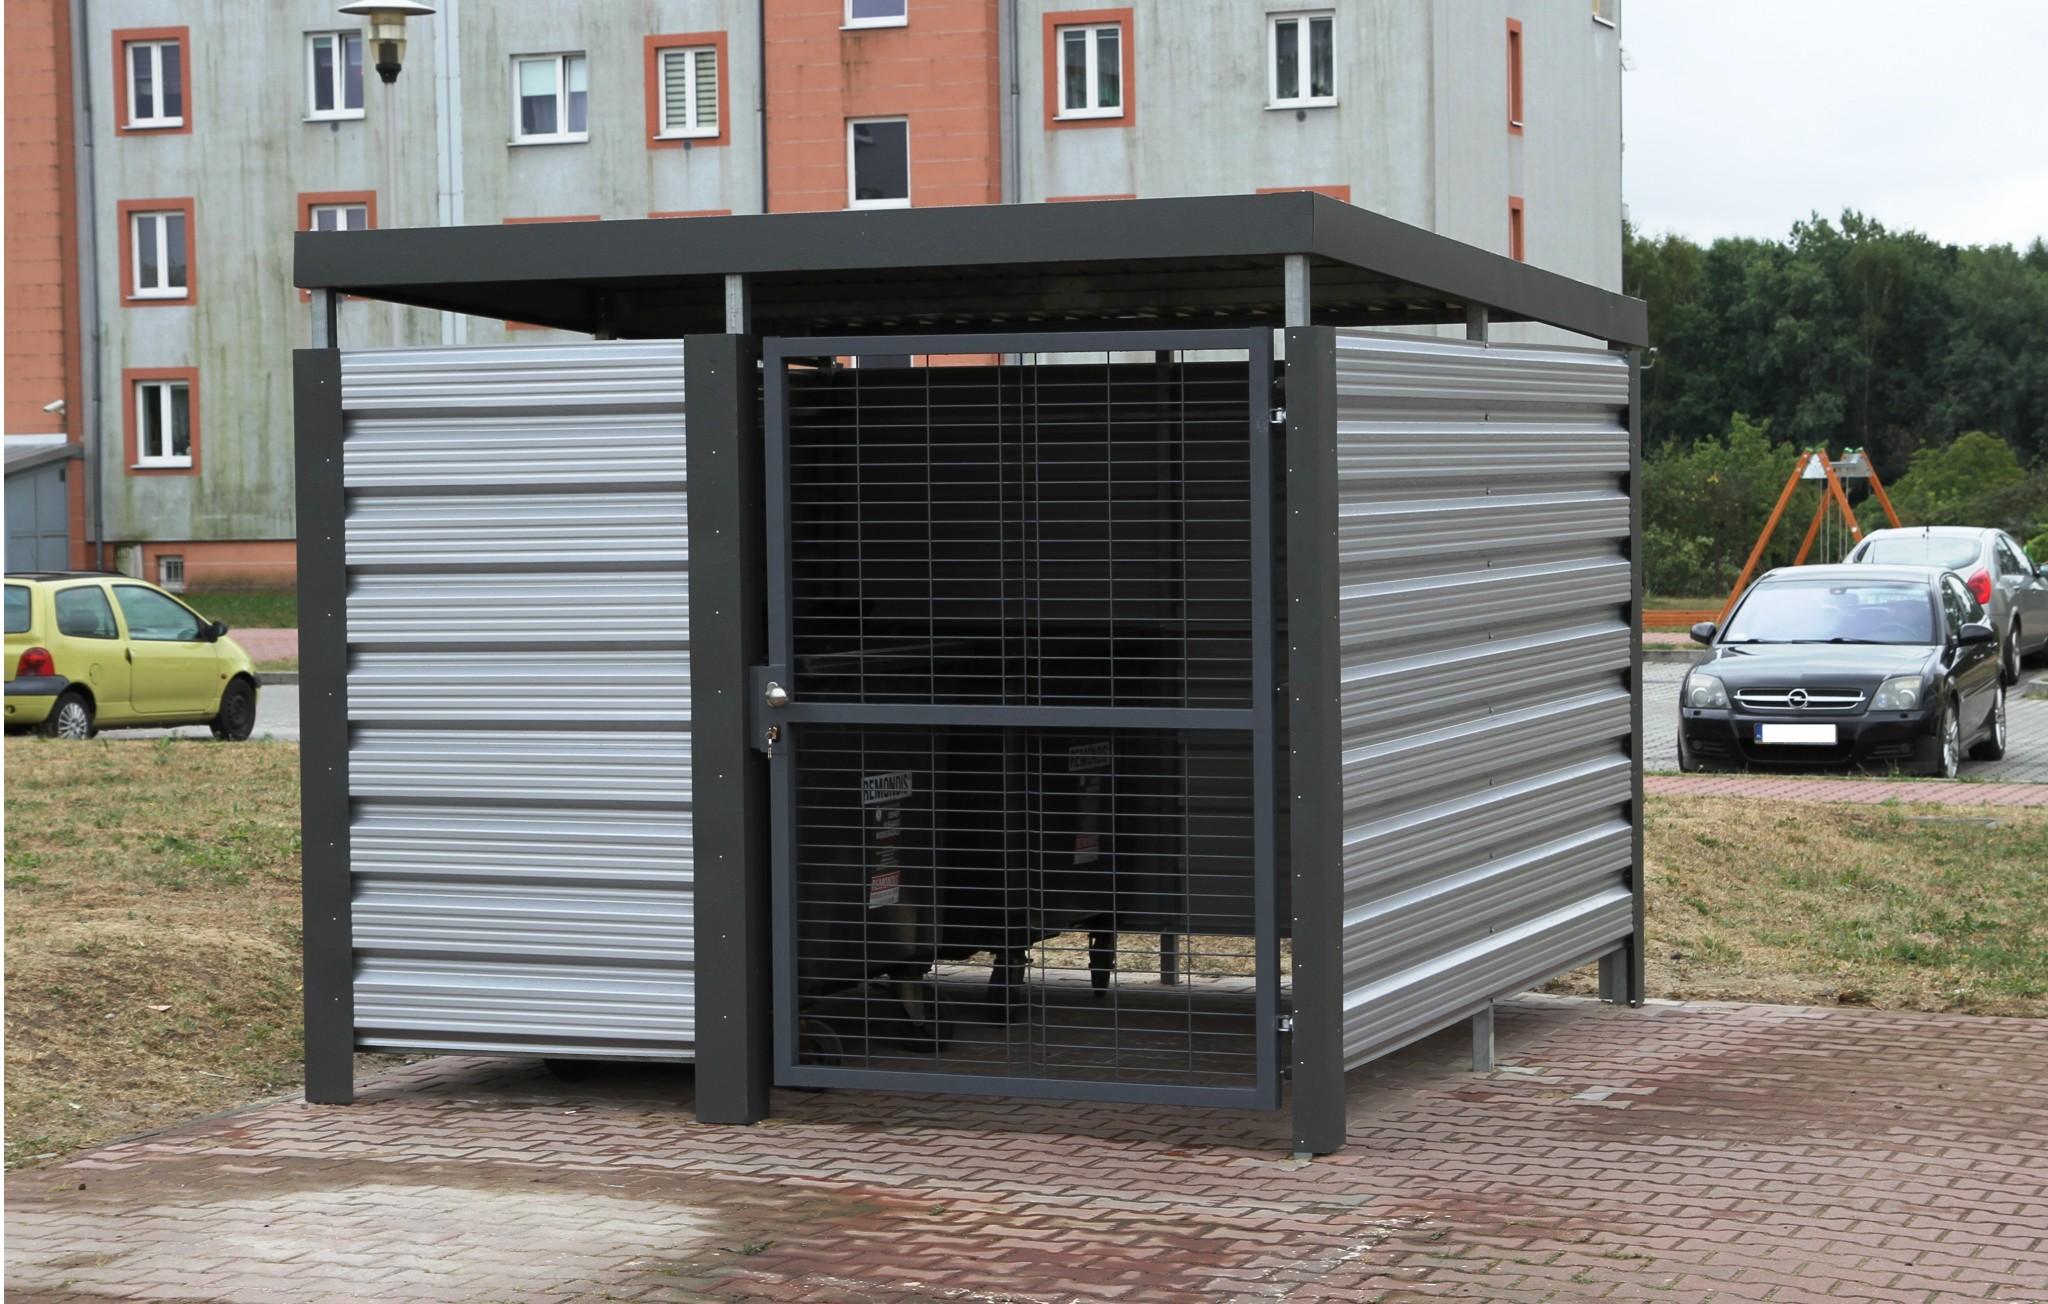 Altana śmietnikowa Standard, Gliwice ul. Sateryków